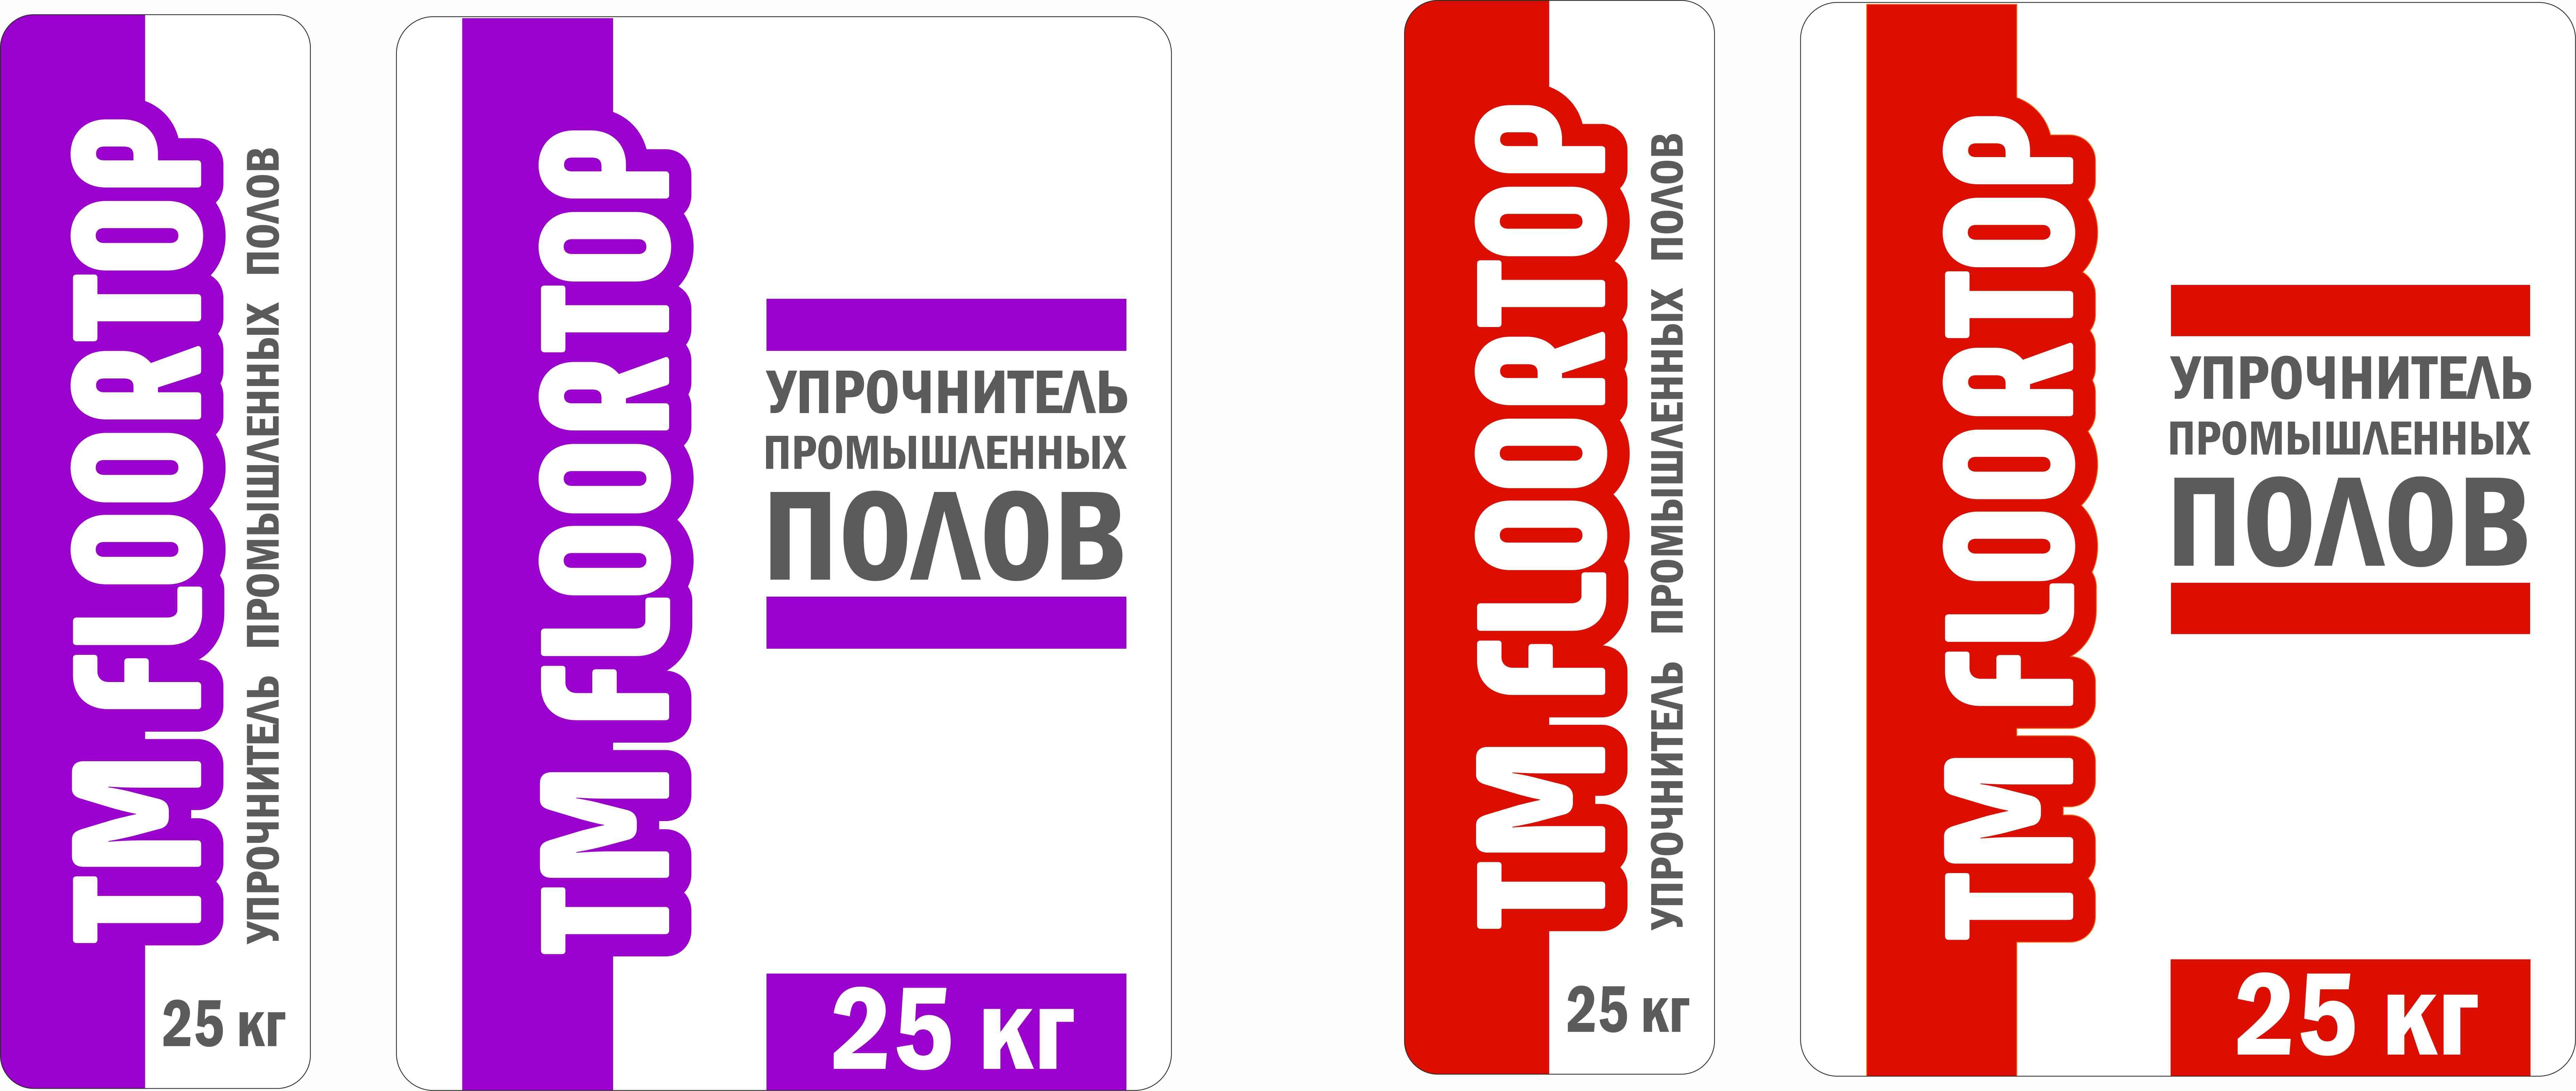 Разработка логотипа и дизайна на упаковку для сухой смеси фото f_8245d27370846fe1.jpg